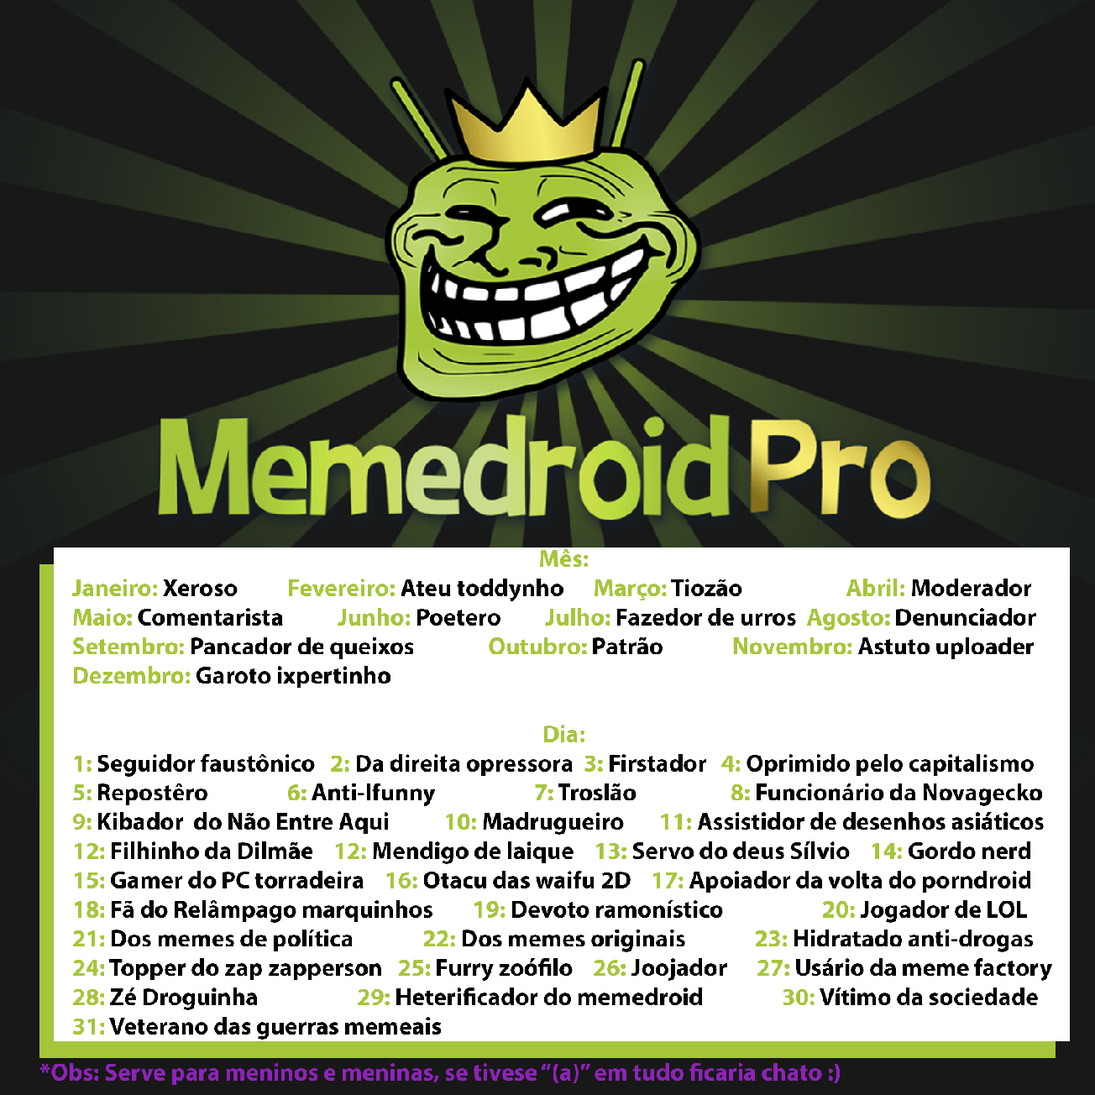 Descubra seu nome de Memedroider! Espero que gostem, deu bastante trabalho amiguinhos <3